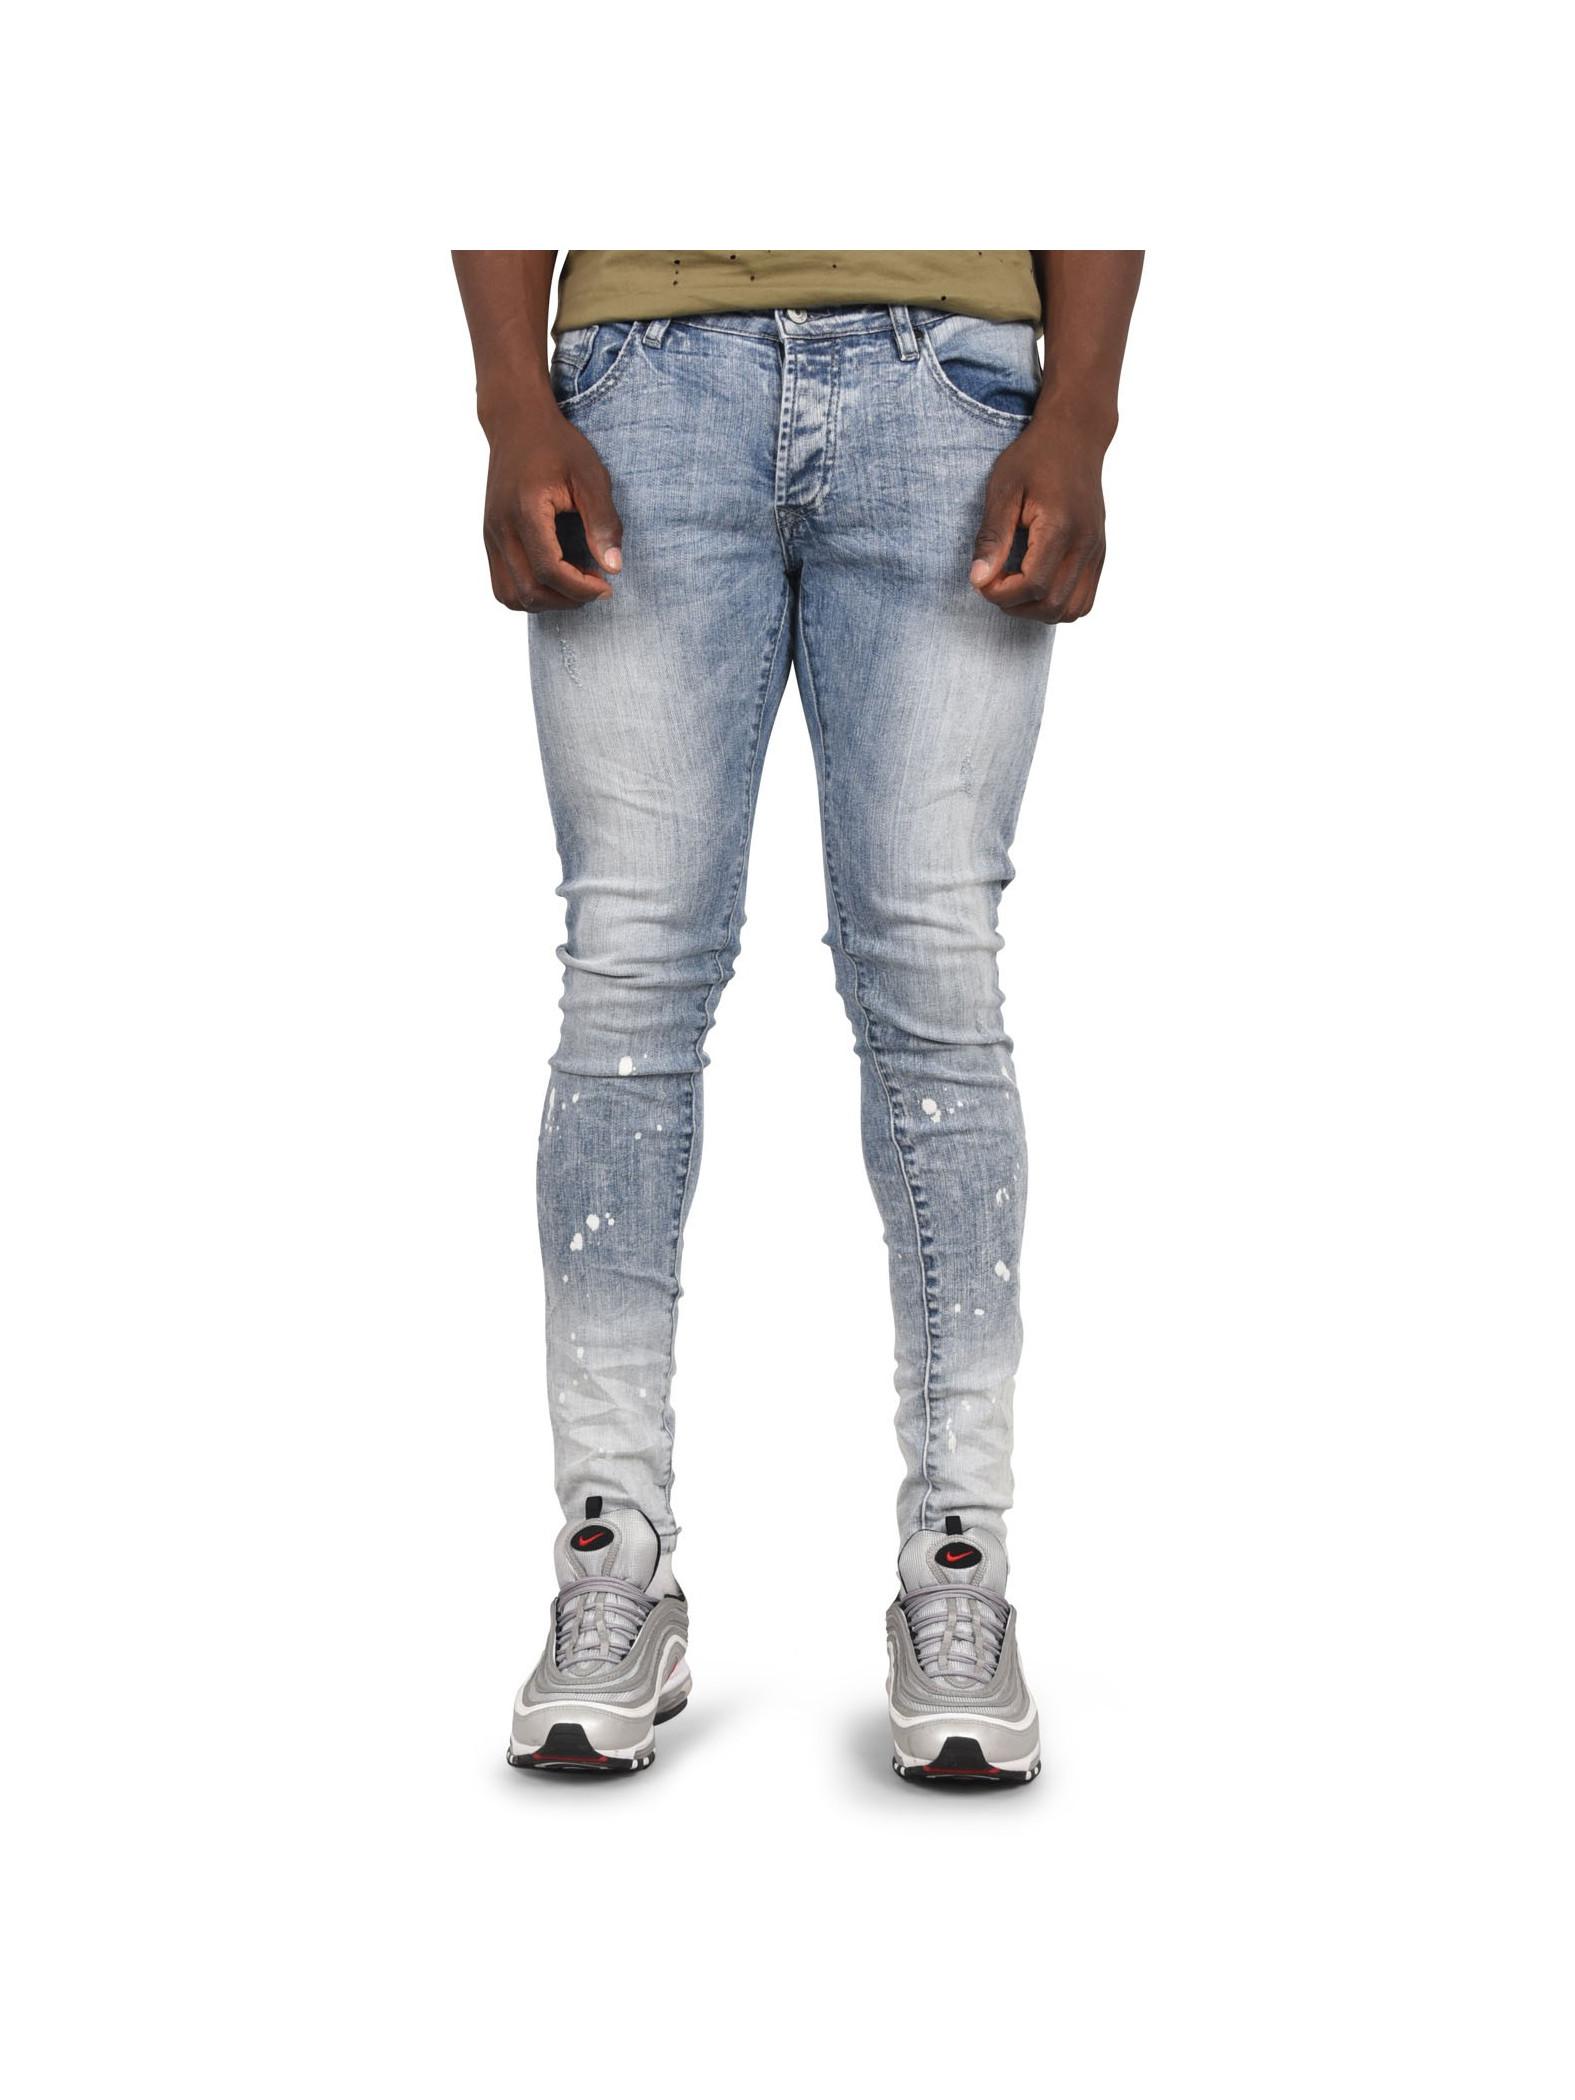 jean skinny effet tie and dye et tachet homme project x paris. Black Bedroom Furniture Sets. Home Design Ideas